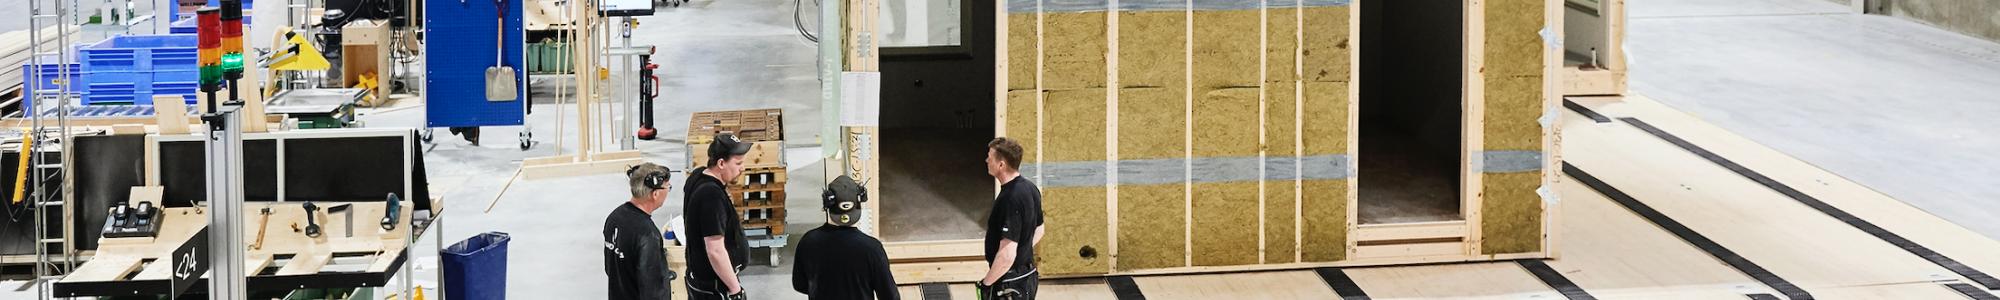 La construction hors site face aux nouveaux enjeux du bâtiment !